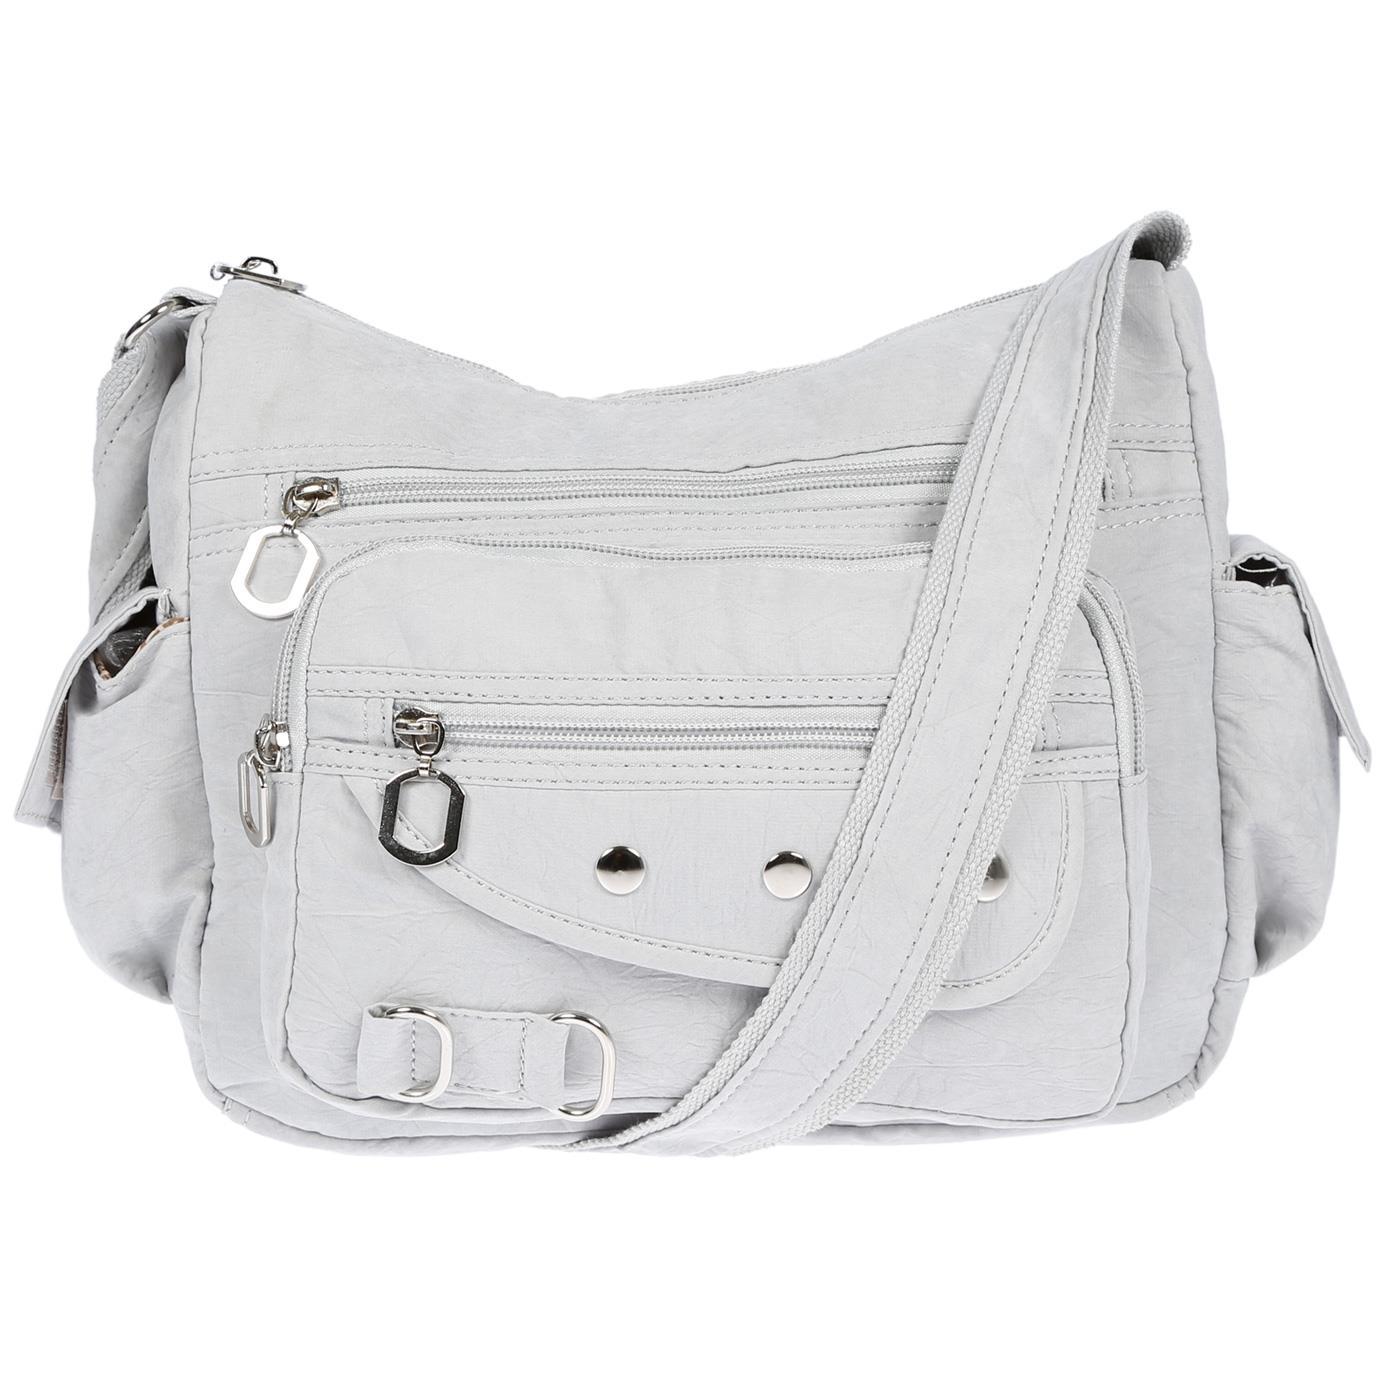 Damenhandtasche-Schultertasche-Tasche-Umhaengetasche-Canvas-Shopper-Crossover-Bag Indexbild 21